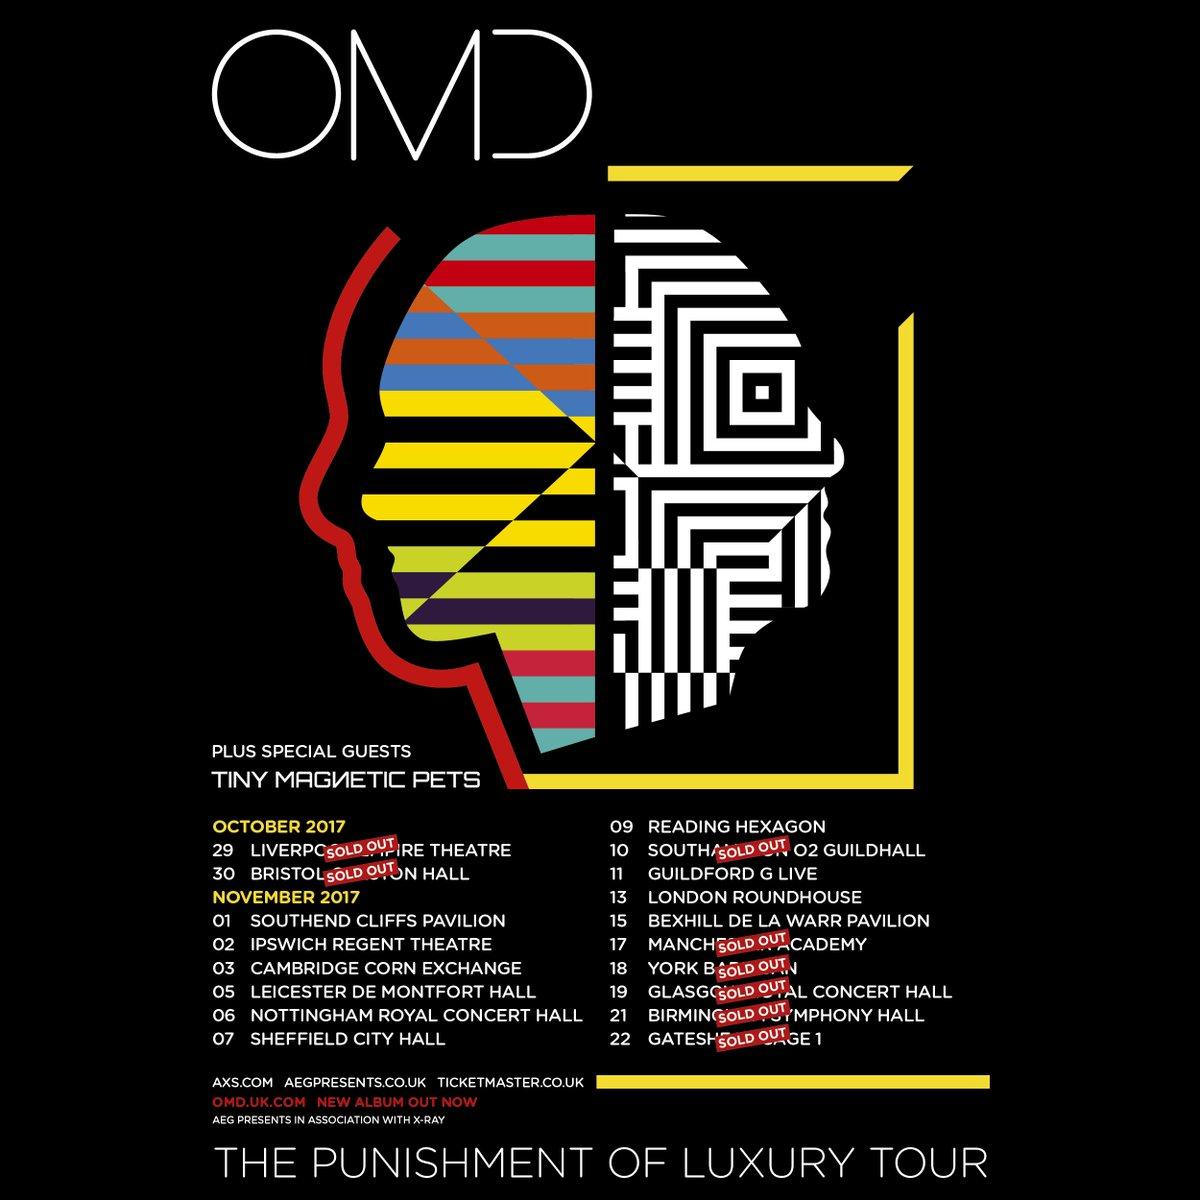 Omd Usa Tour